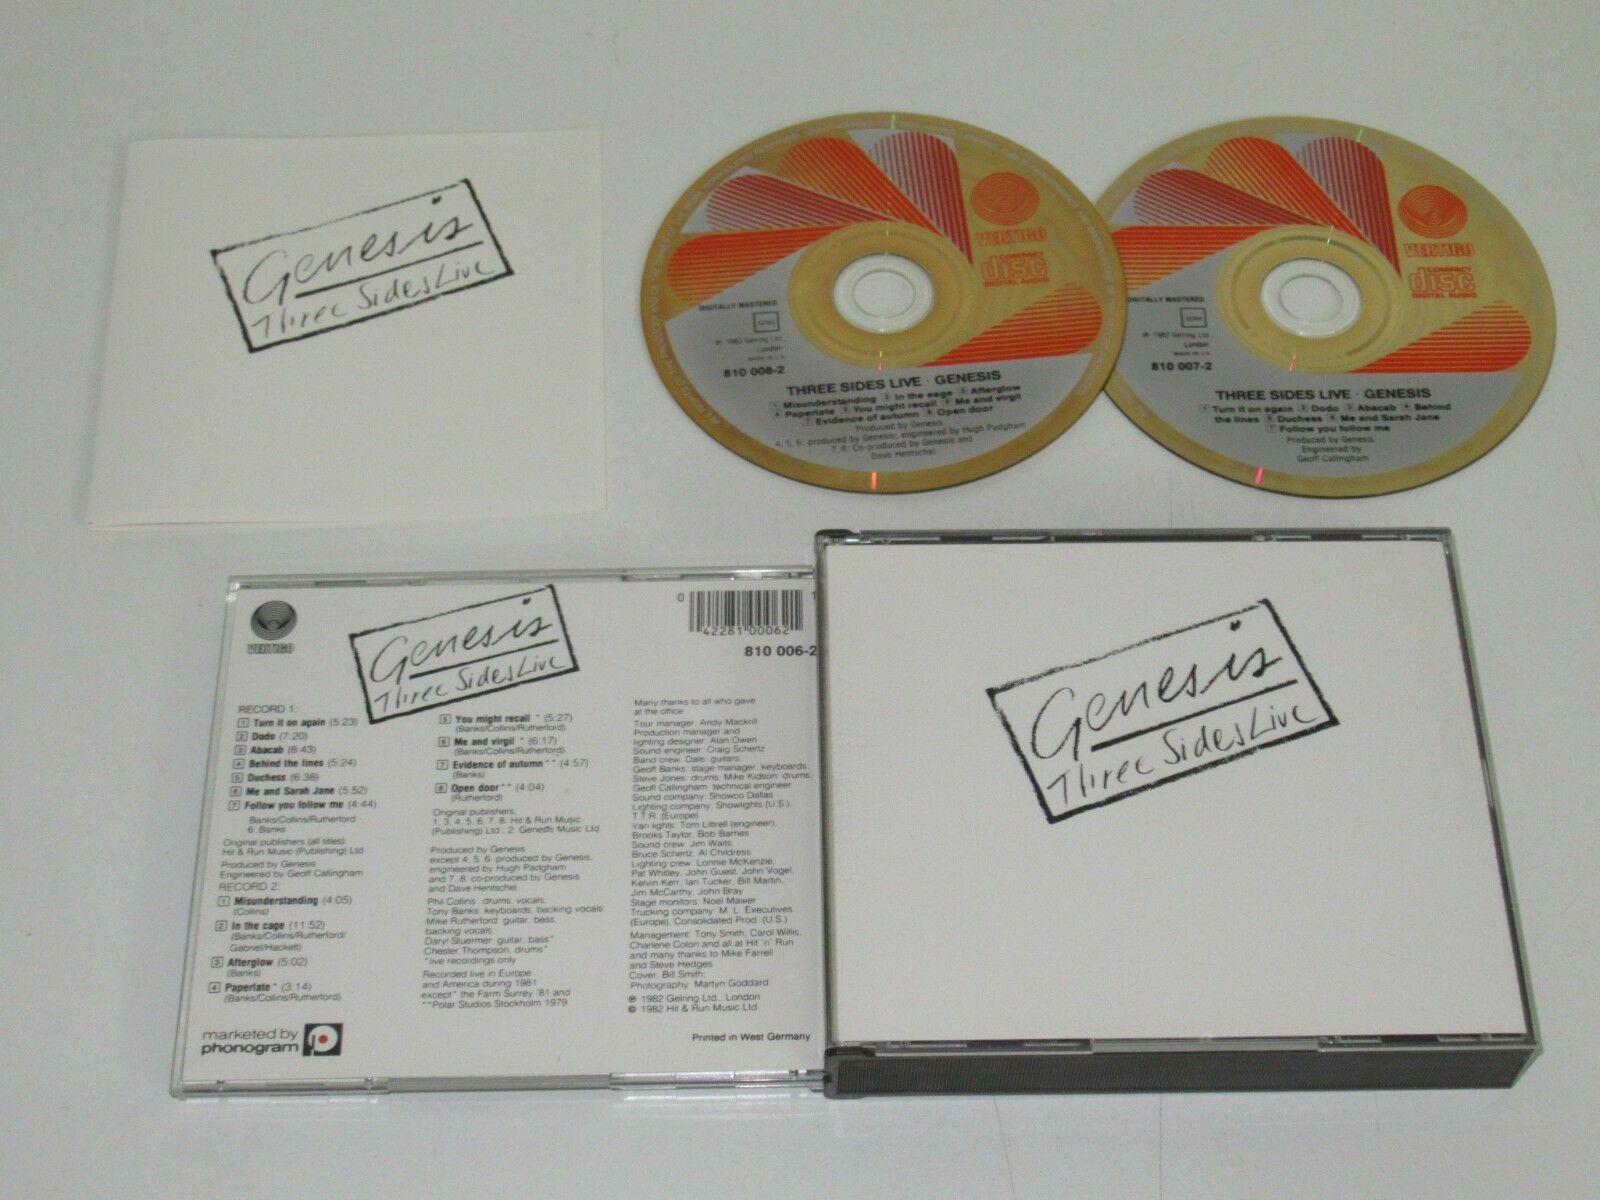 1982 Genesis Three Sides Live Double Disc 2 CD Set Red Vertigo Design IMPORT